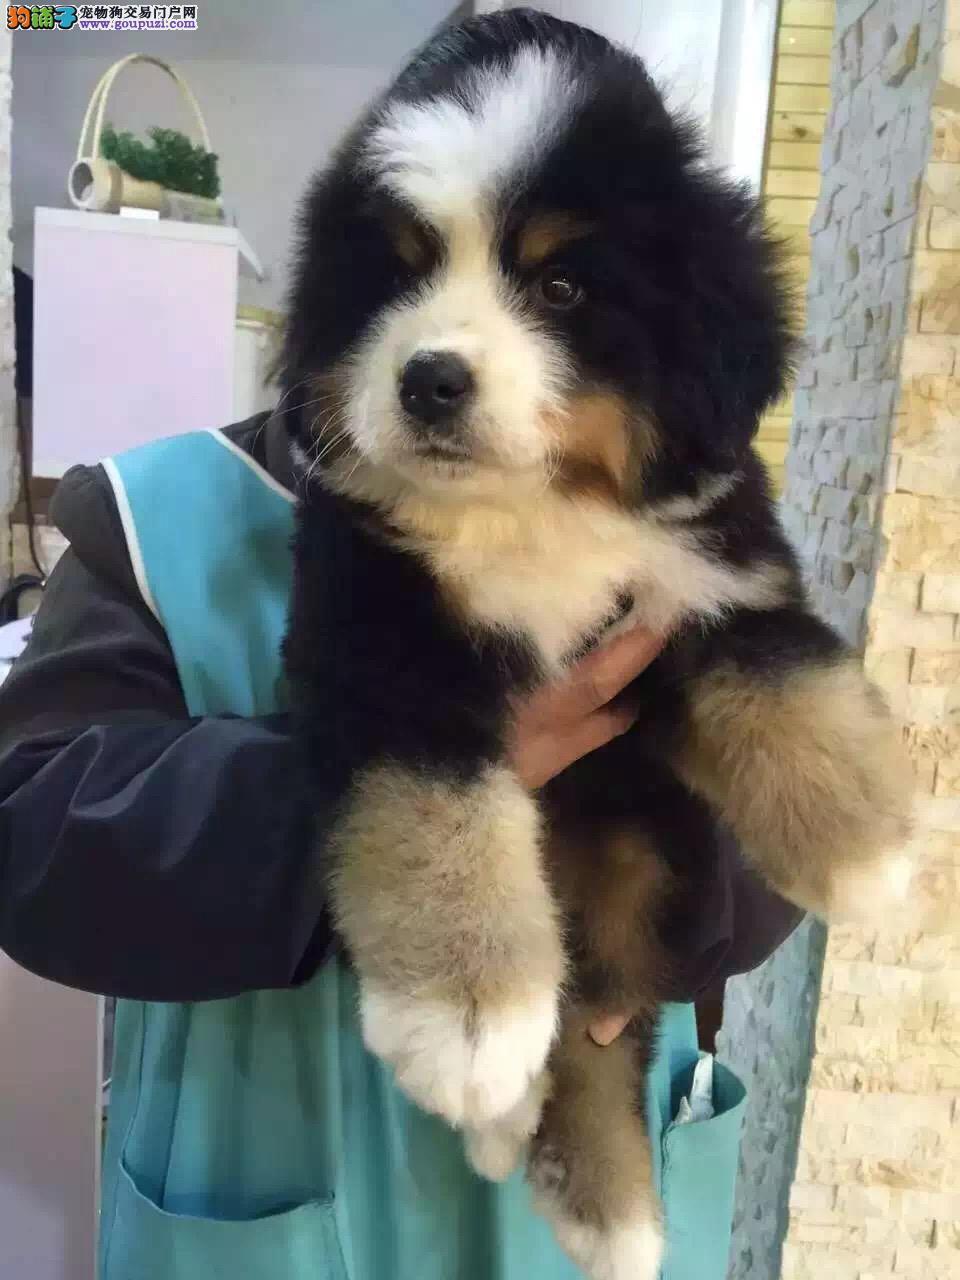 售瑞士伯恩山地犬 专业繁殖